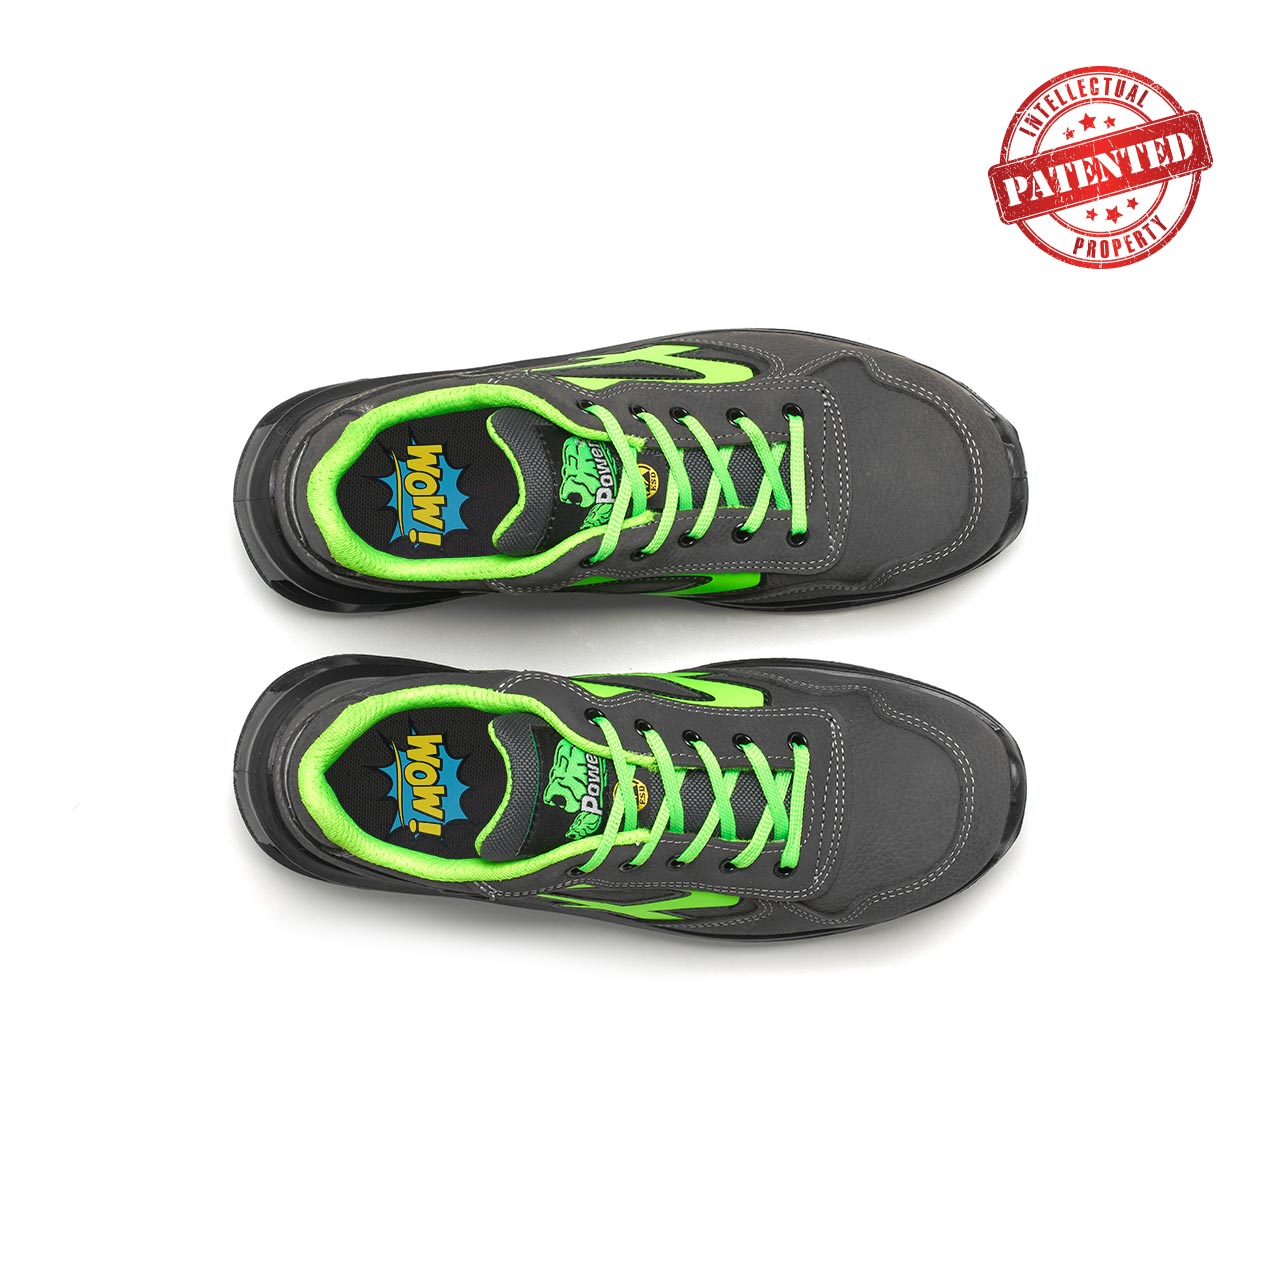 paio di scarpe antinfortunistiche upower modello yoda linea redlion vista top